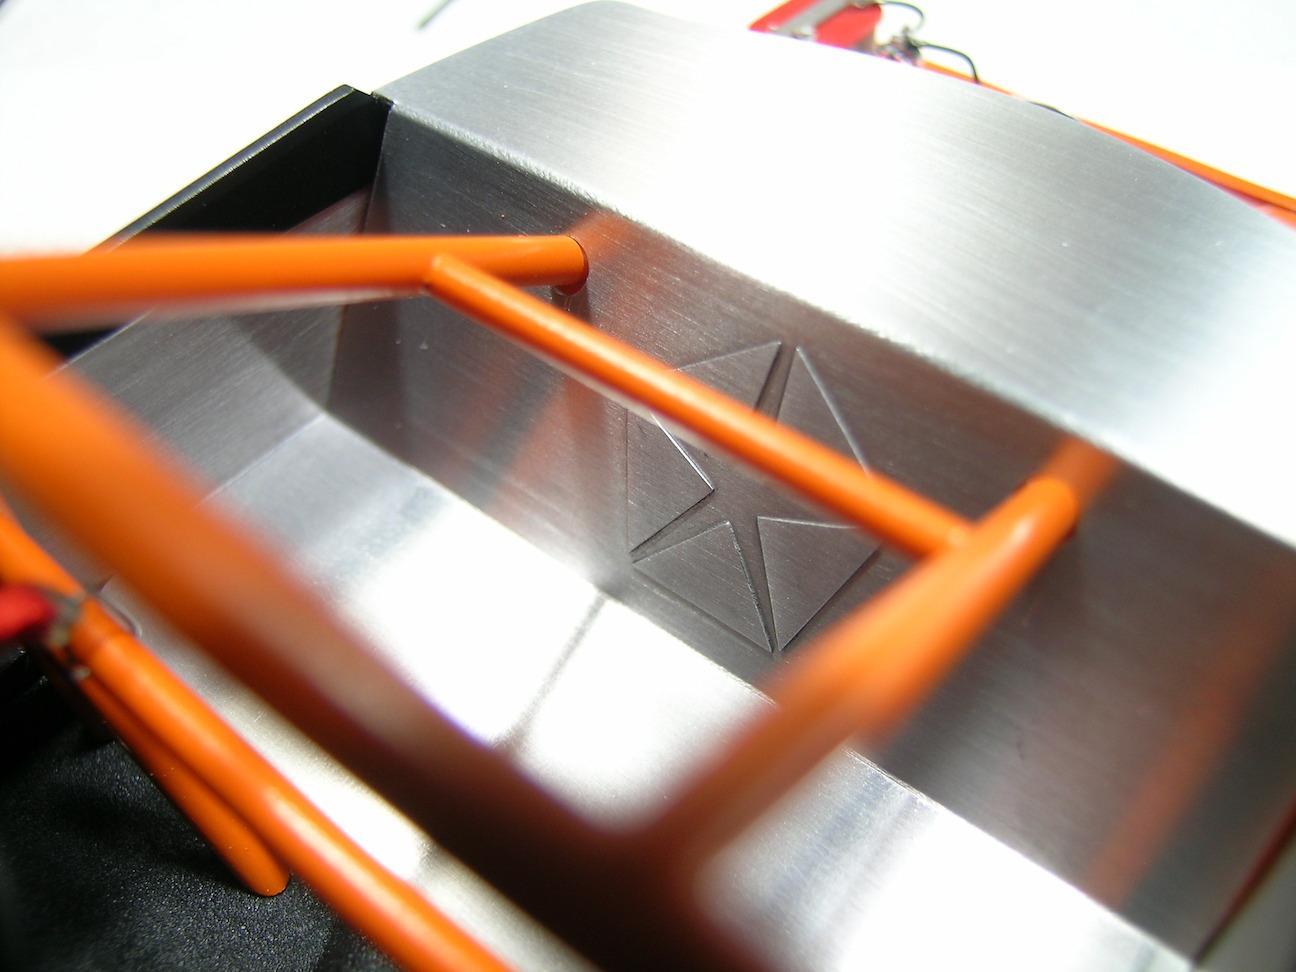 21-Interior_3.JPG.e09bba10319ffd9c44eff02ddcc3523a.JPG